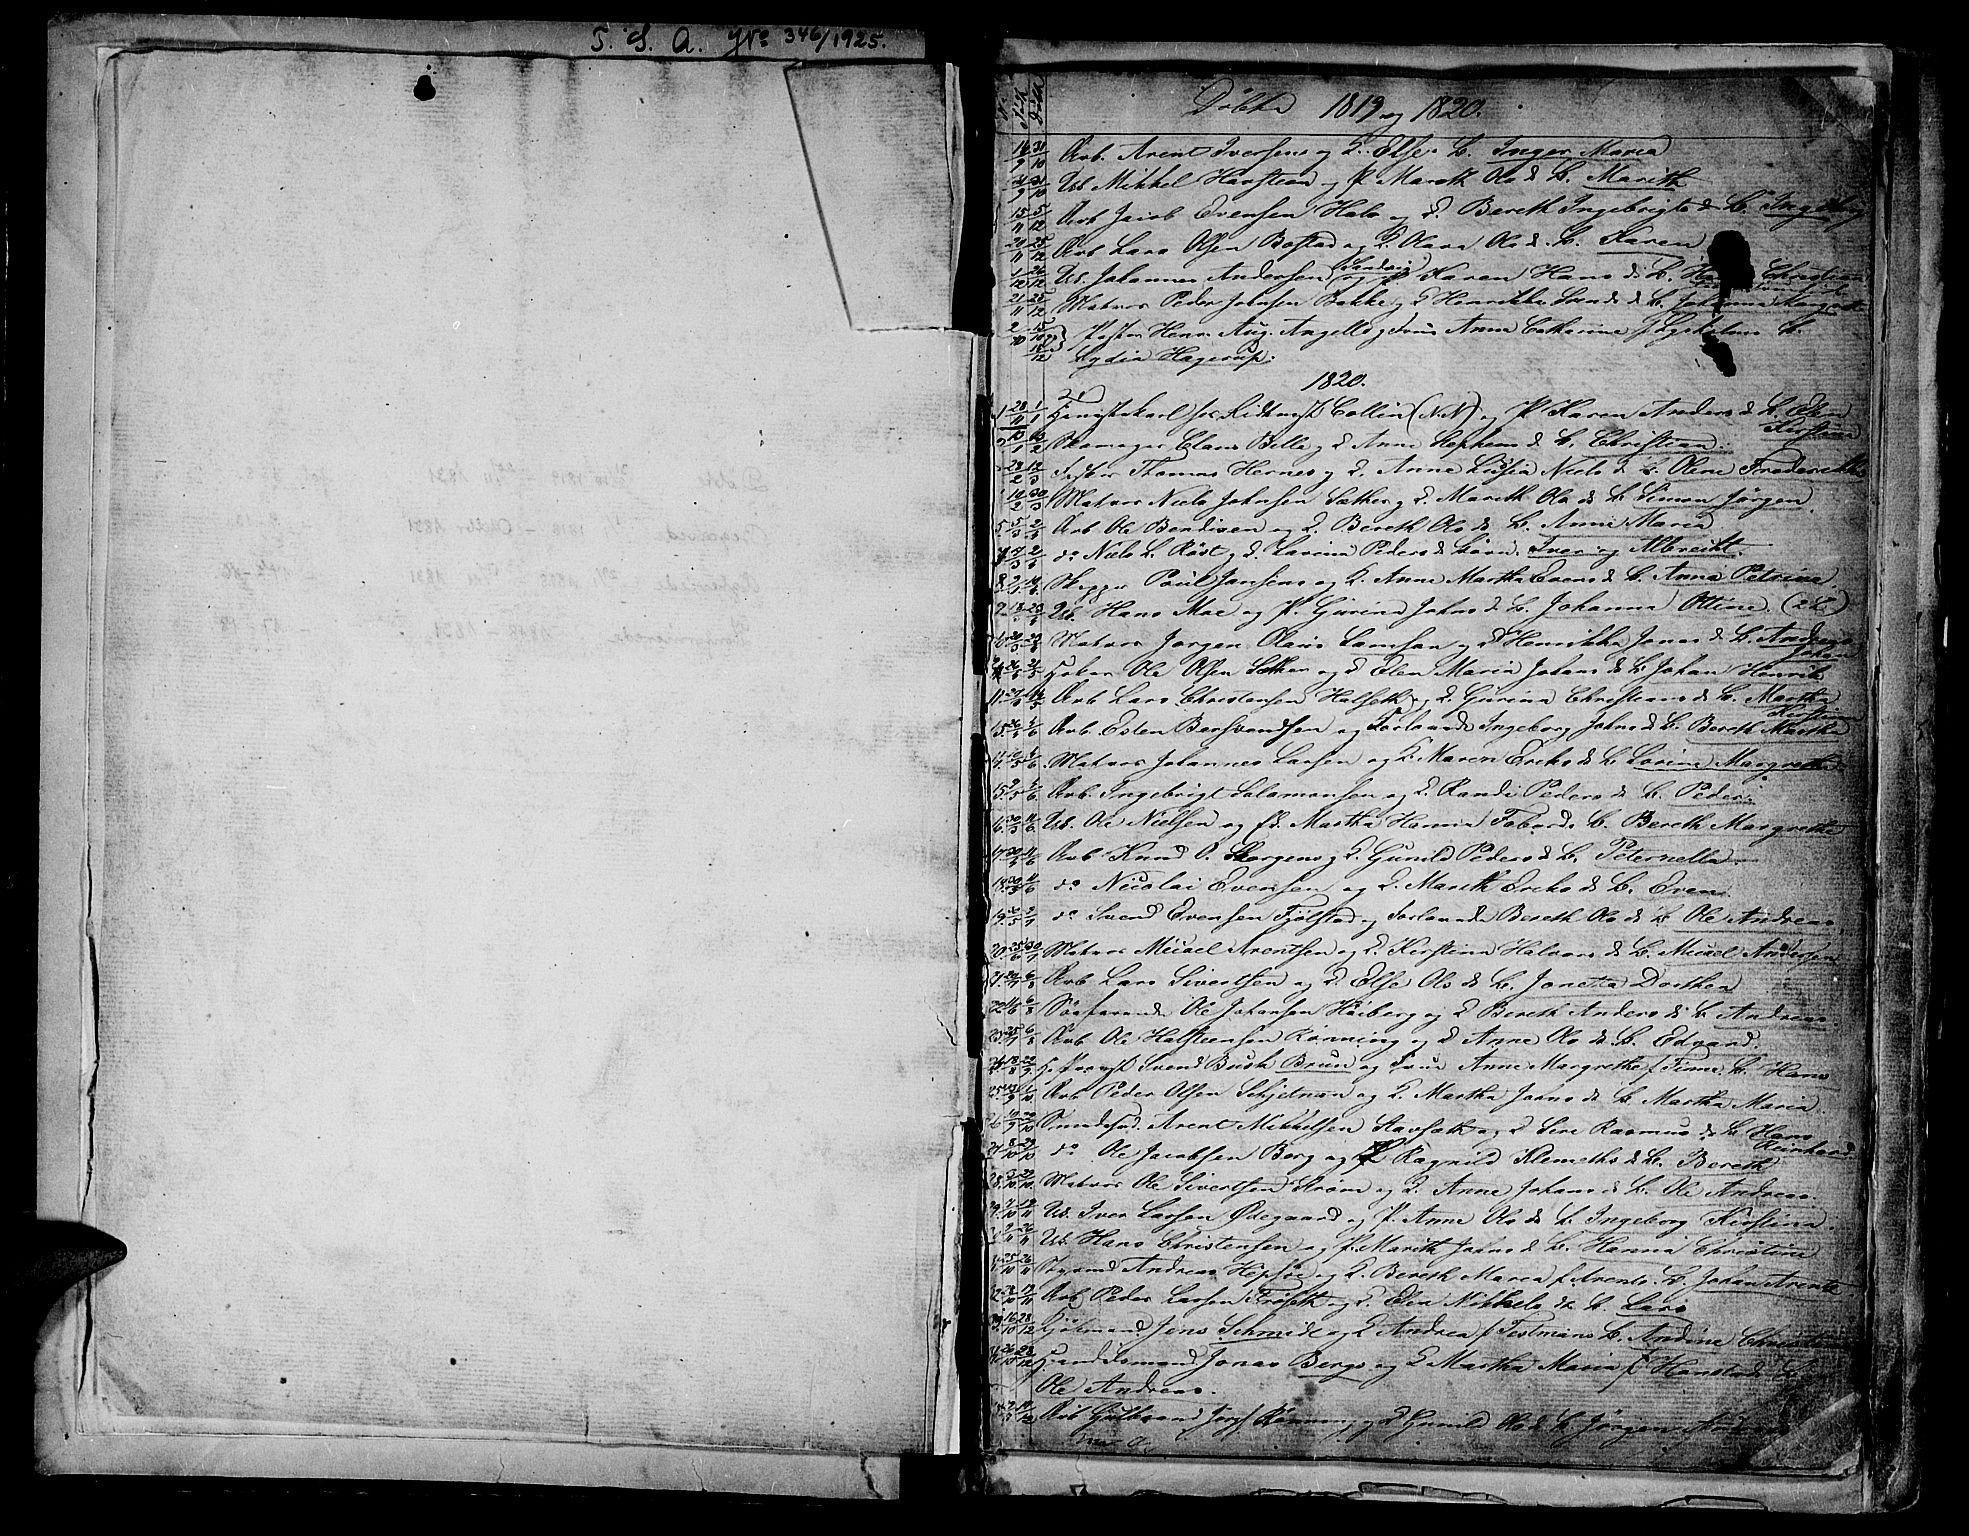 SAT, Ministerialprotokoller, klokkerbøker og fødselsregistre - Sør-Trøndelag, 604/L0182: Ministerialbok nr. 604A03, 1818-1850, s. 1